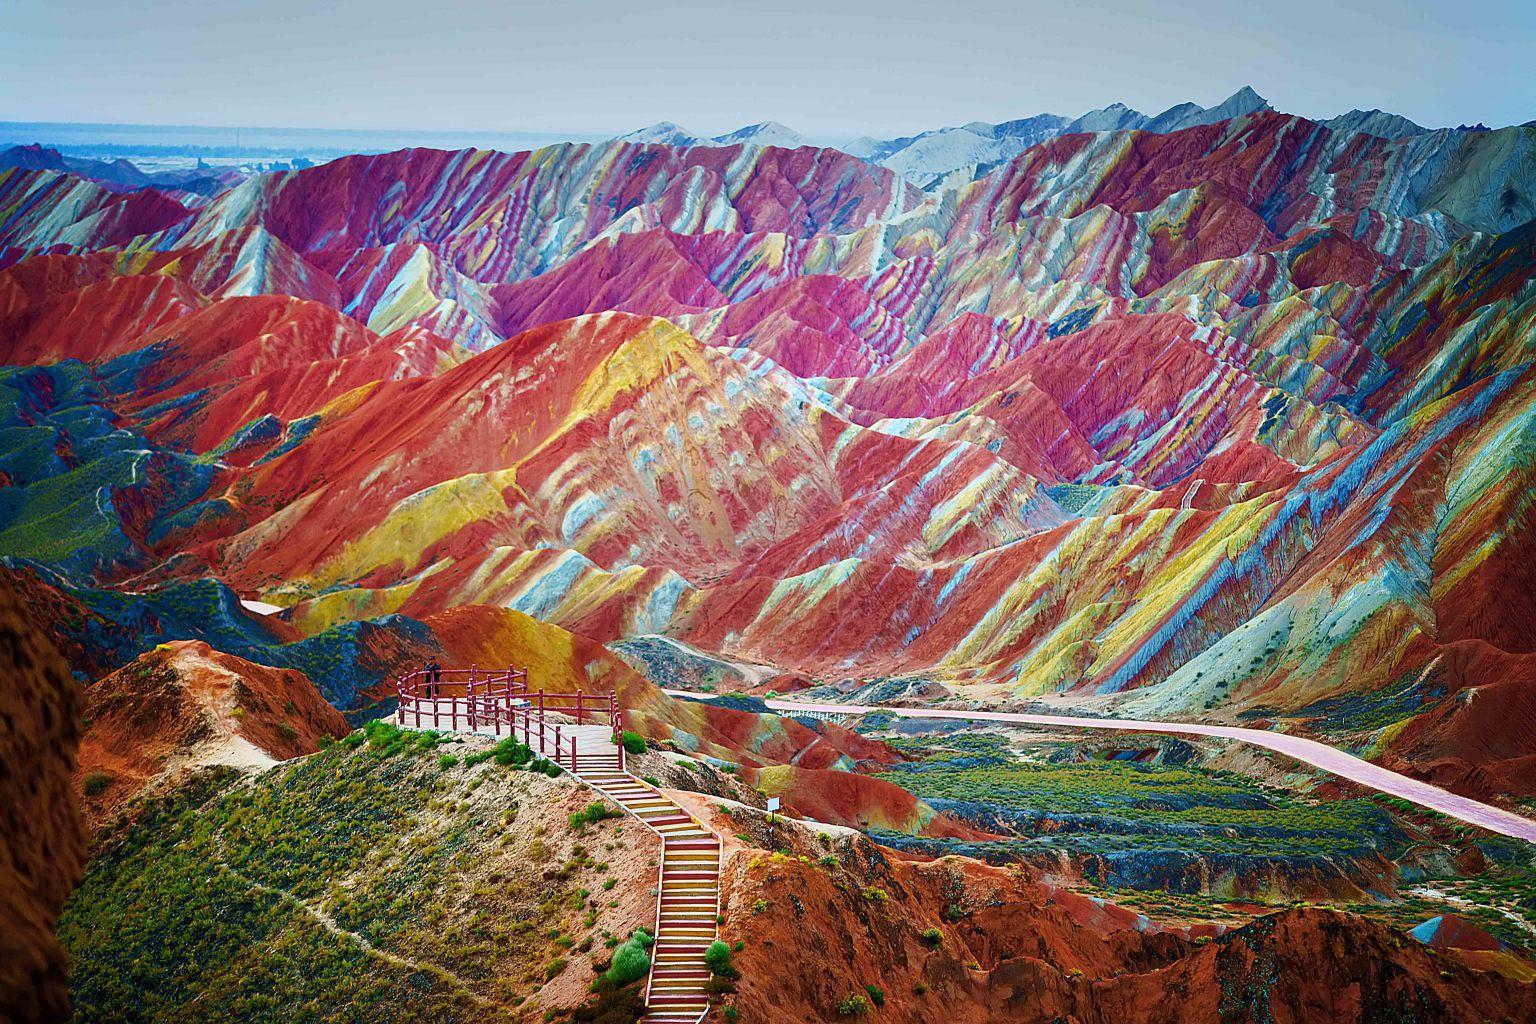 Цветныегоры Чжанъе Данься, Китай